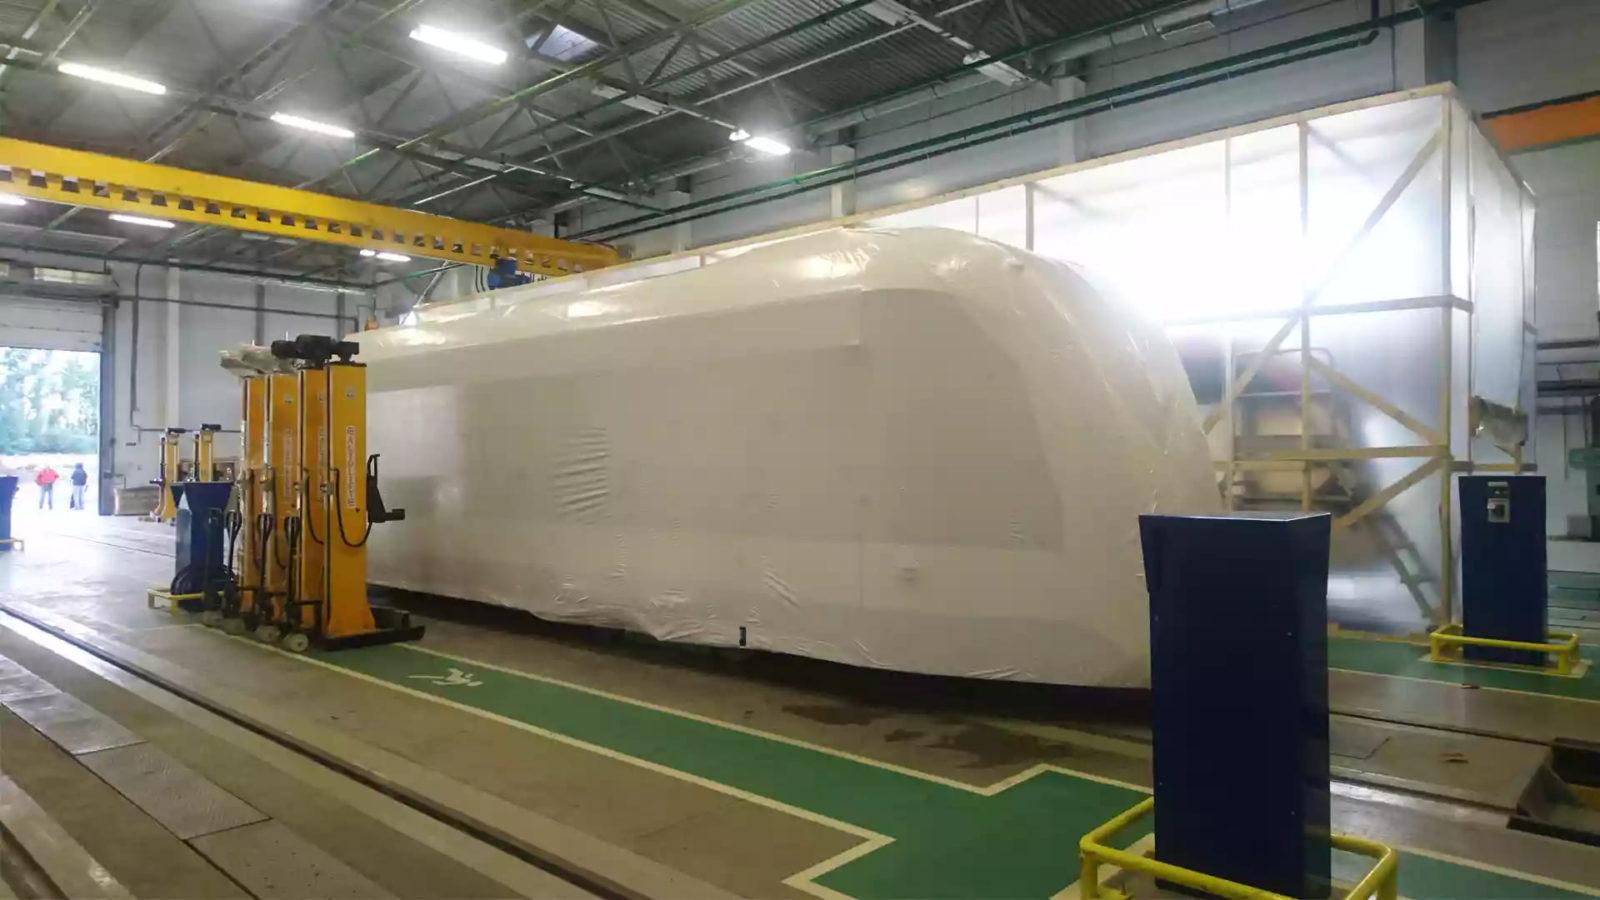 Технология упаковки вагонов это укрытие объекта, формирование складок, натягивание стропы